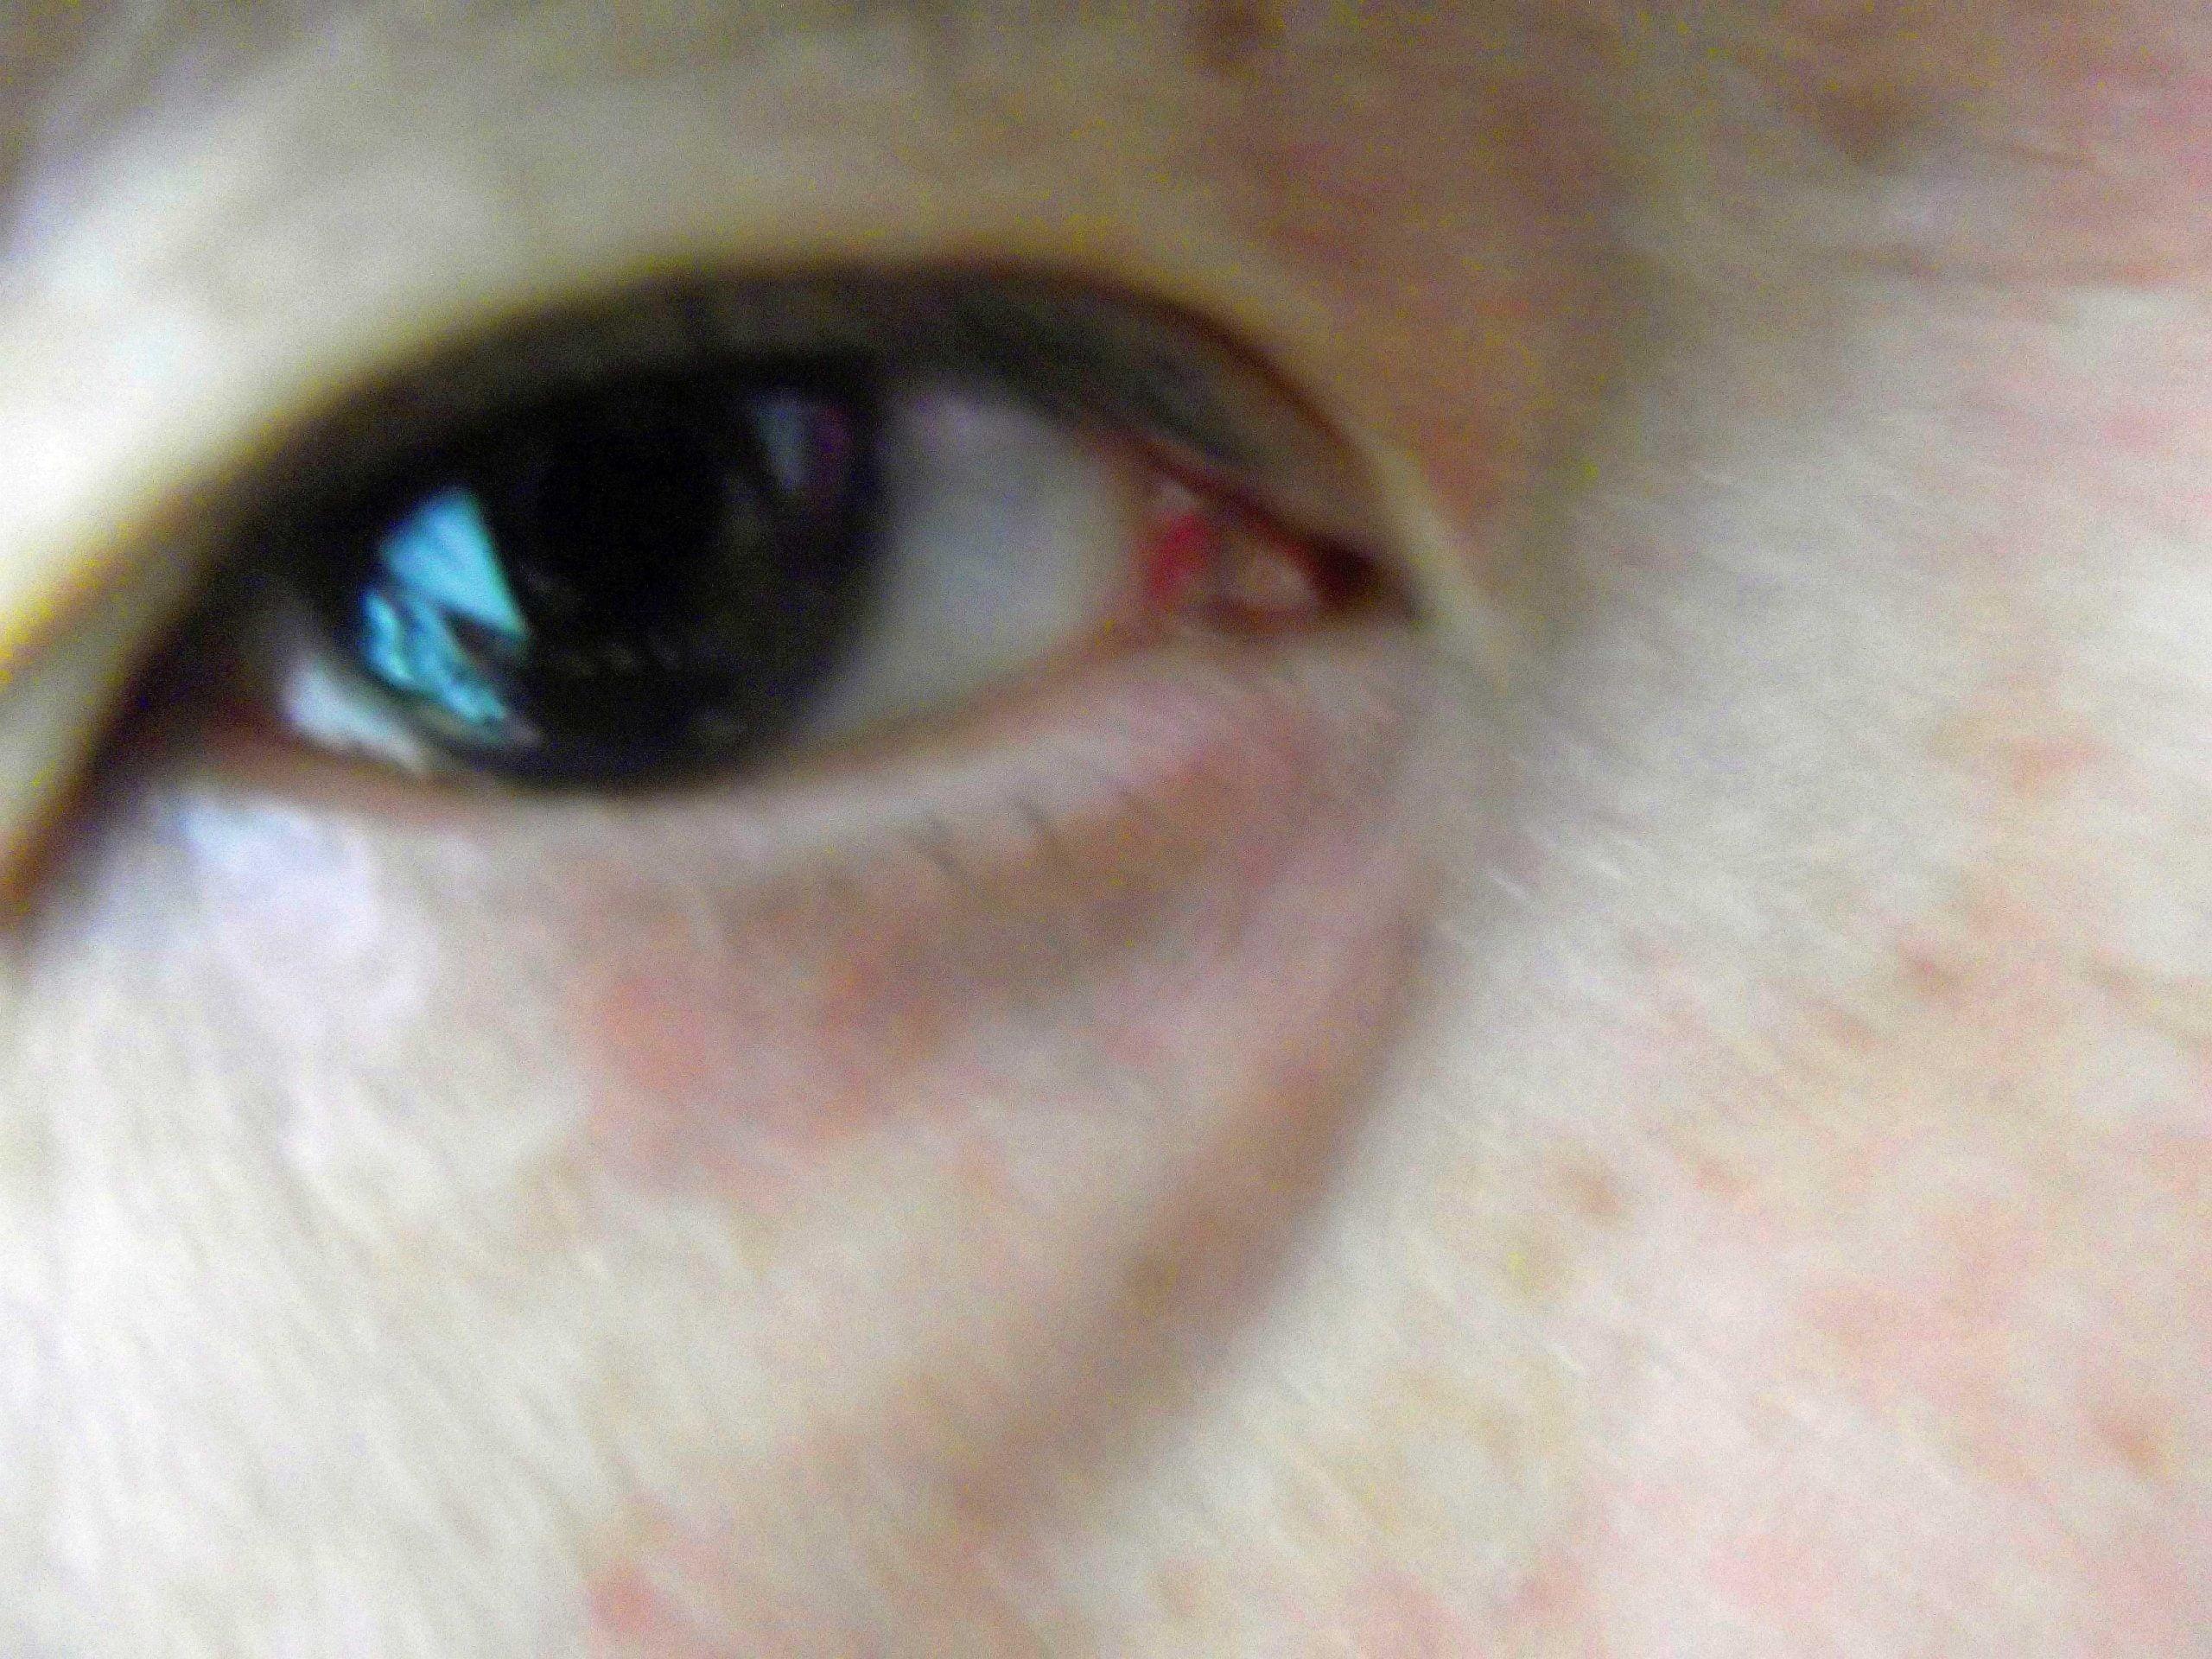 """レーシック手術を悩んでいるあなたへ!!目の手術-レーシック両眼-""""PRK""""手術の予定-自分の眼を壊れかけのコンデジで最後に撮影した!!"""